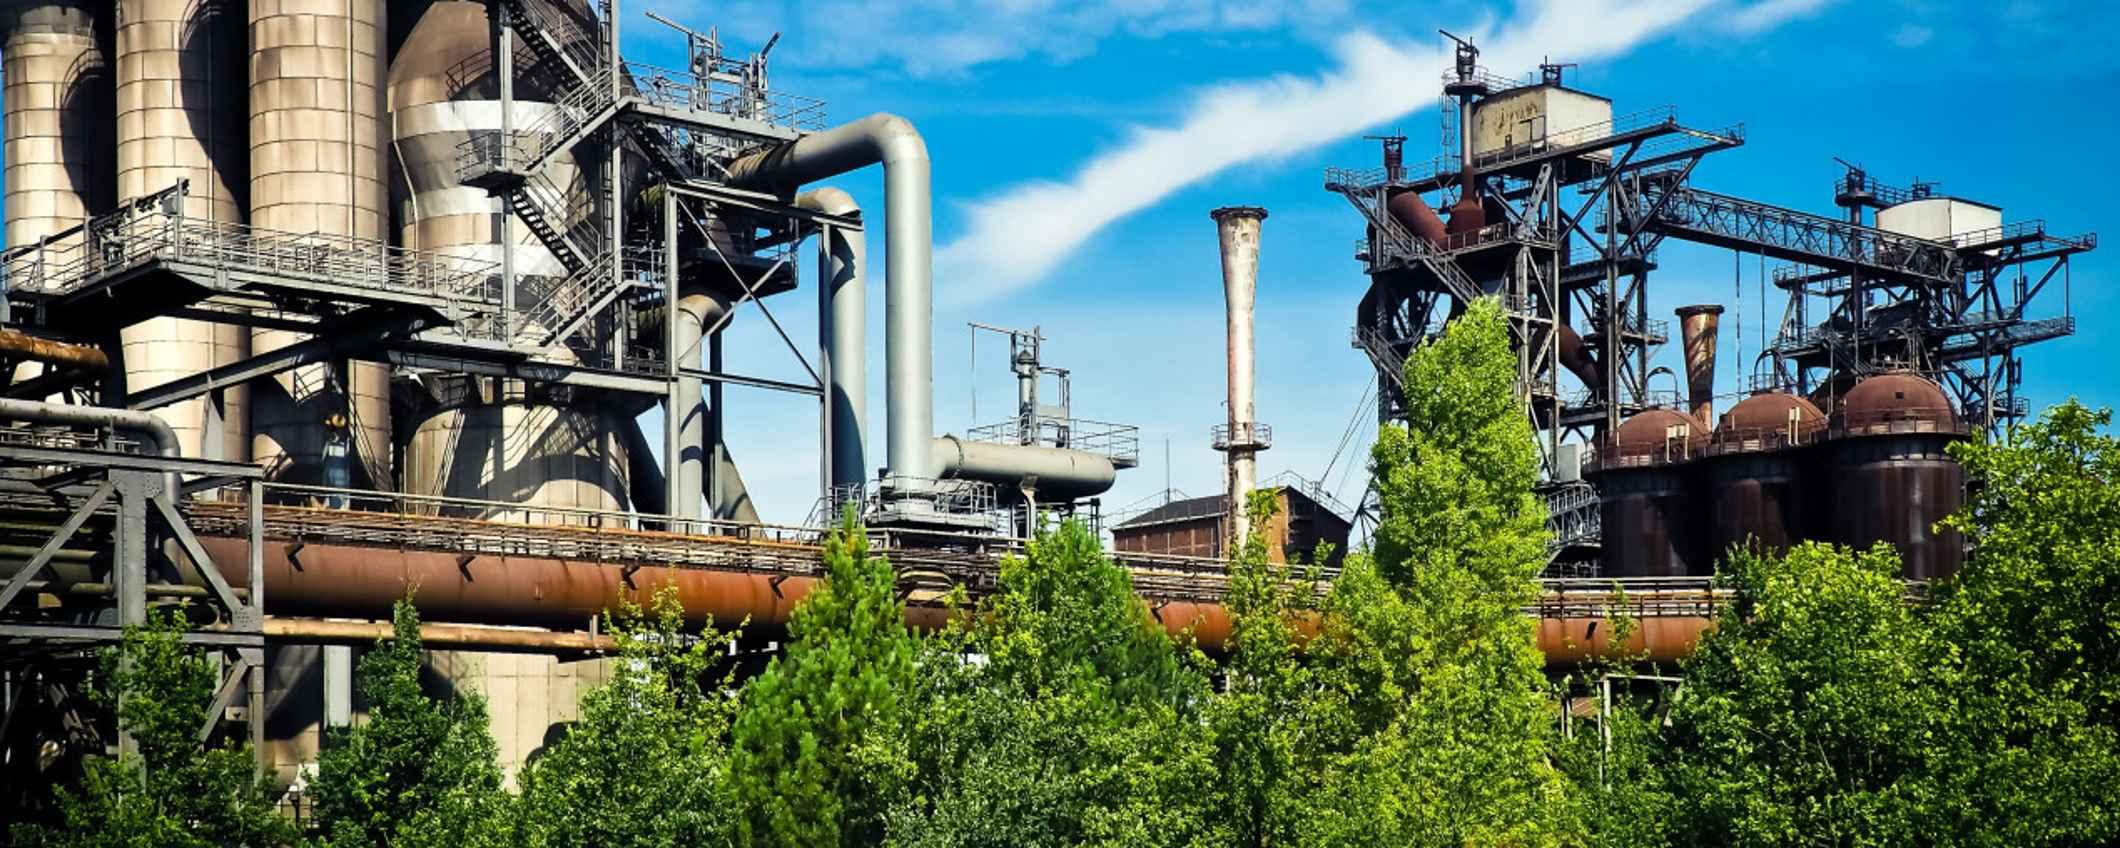 Ondernemingen wijzen op hun rol in klimaatbescherming